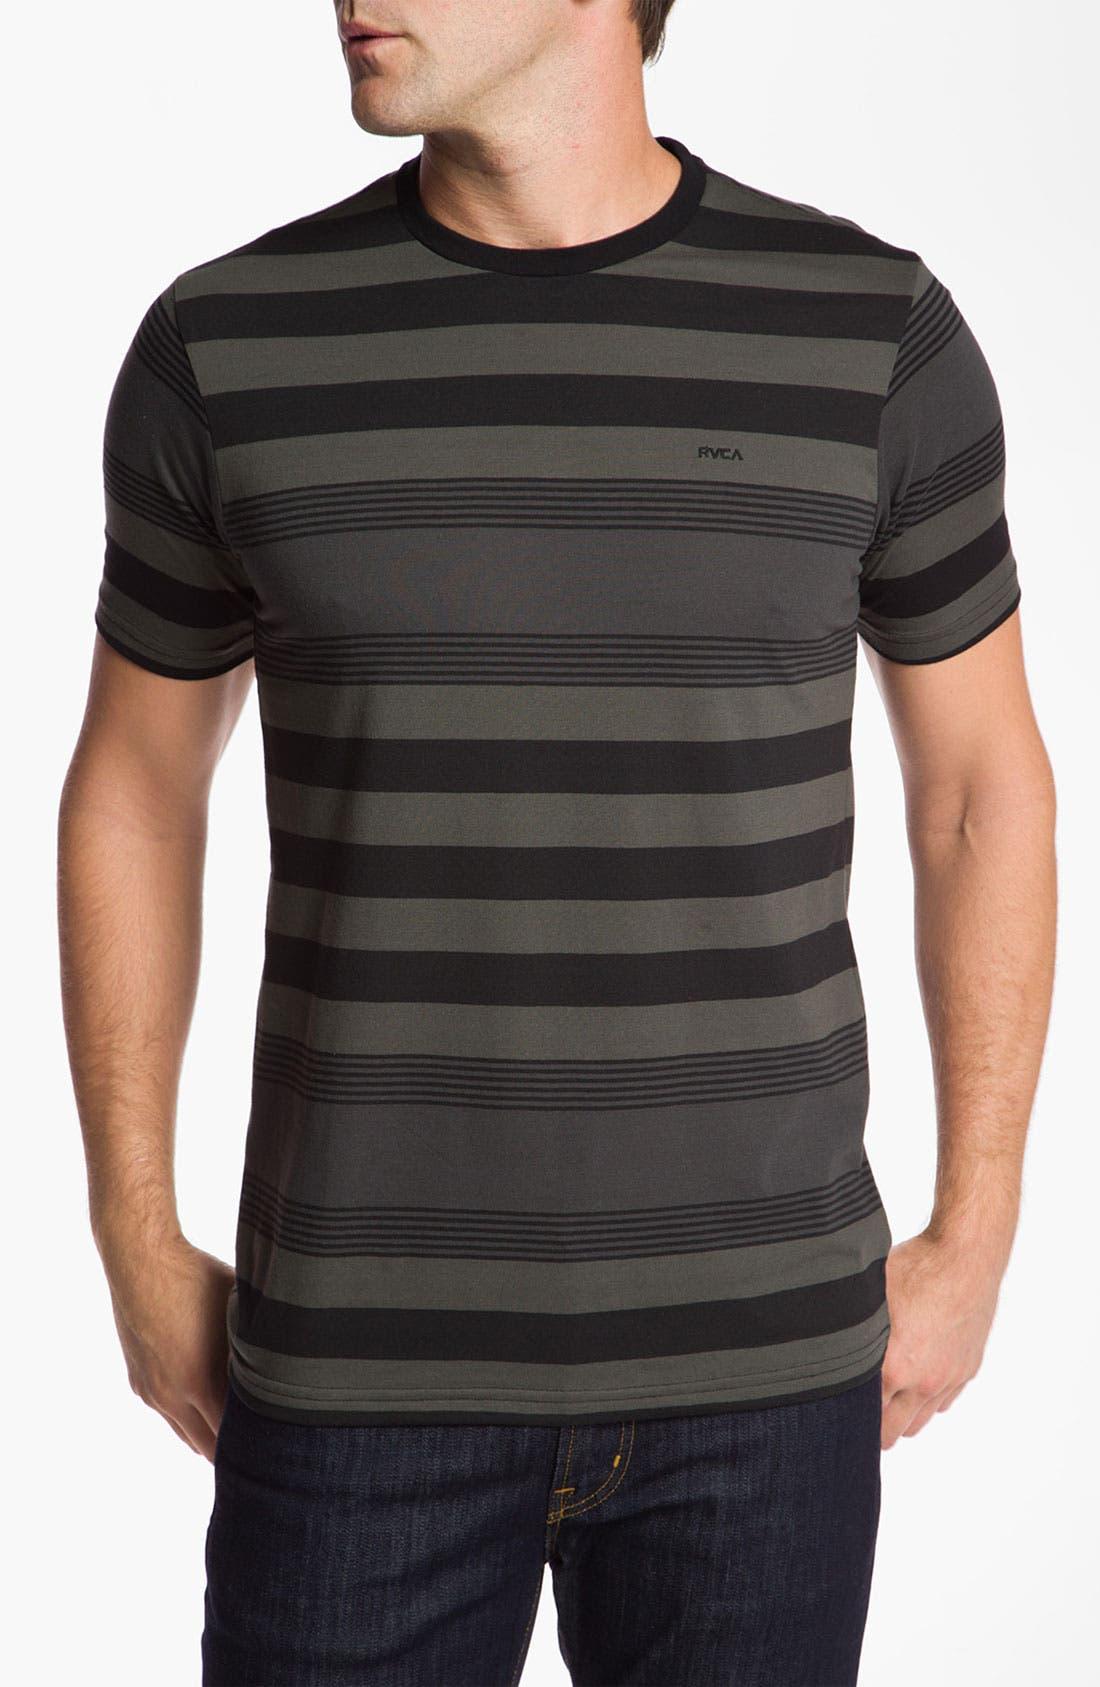 Main Image - RVCA 'Kona' T-Shirt